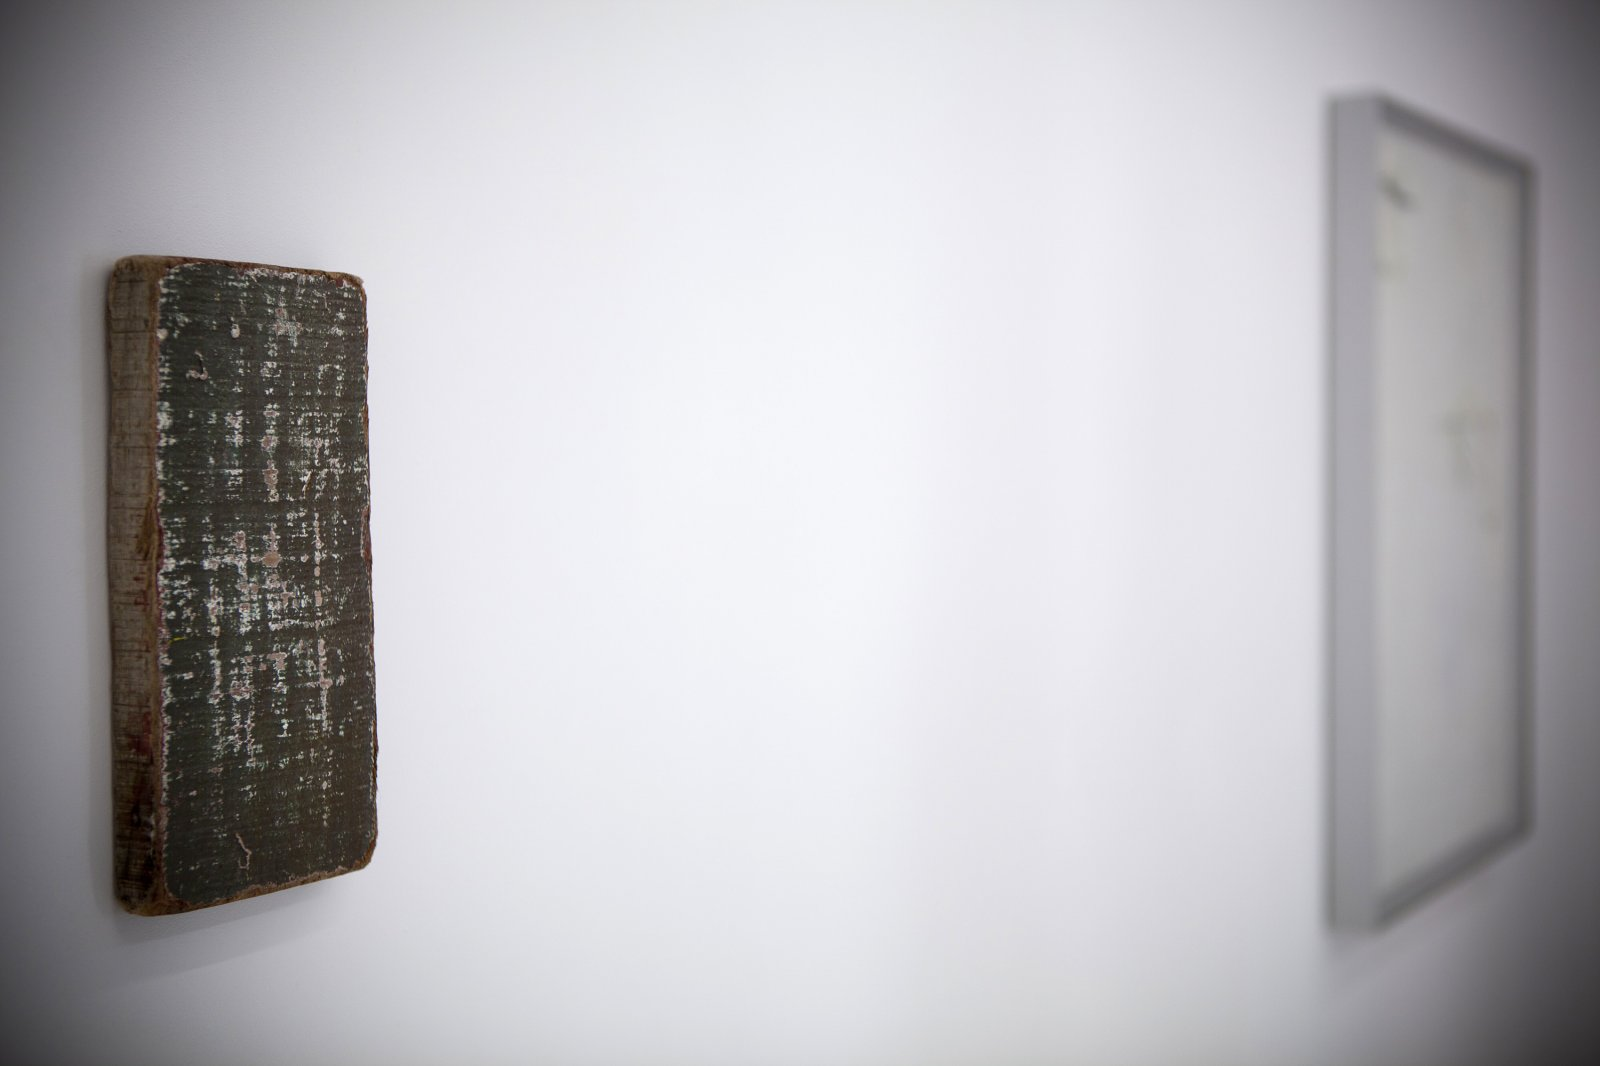 Galería Louis 21. \'Sobre El Muro\'. Teo Soriano